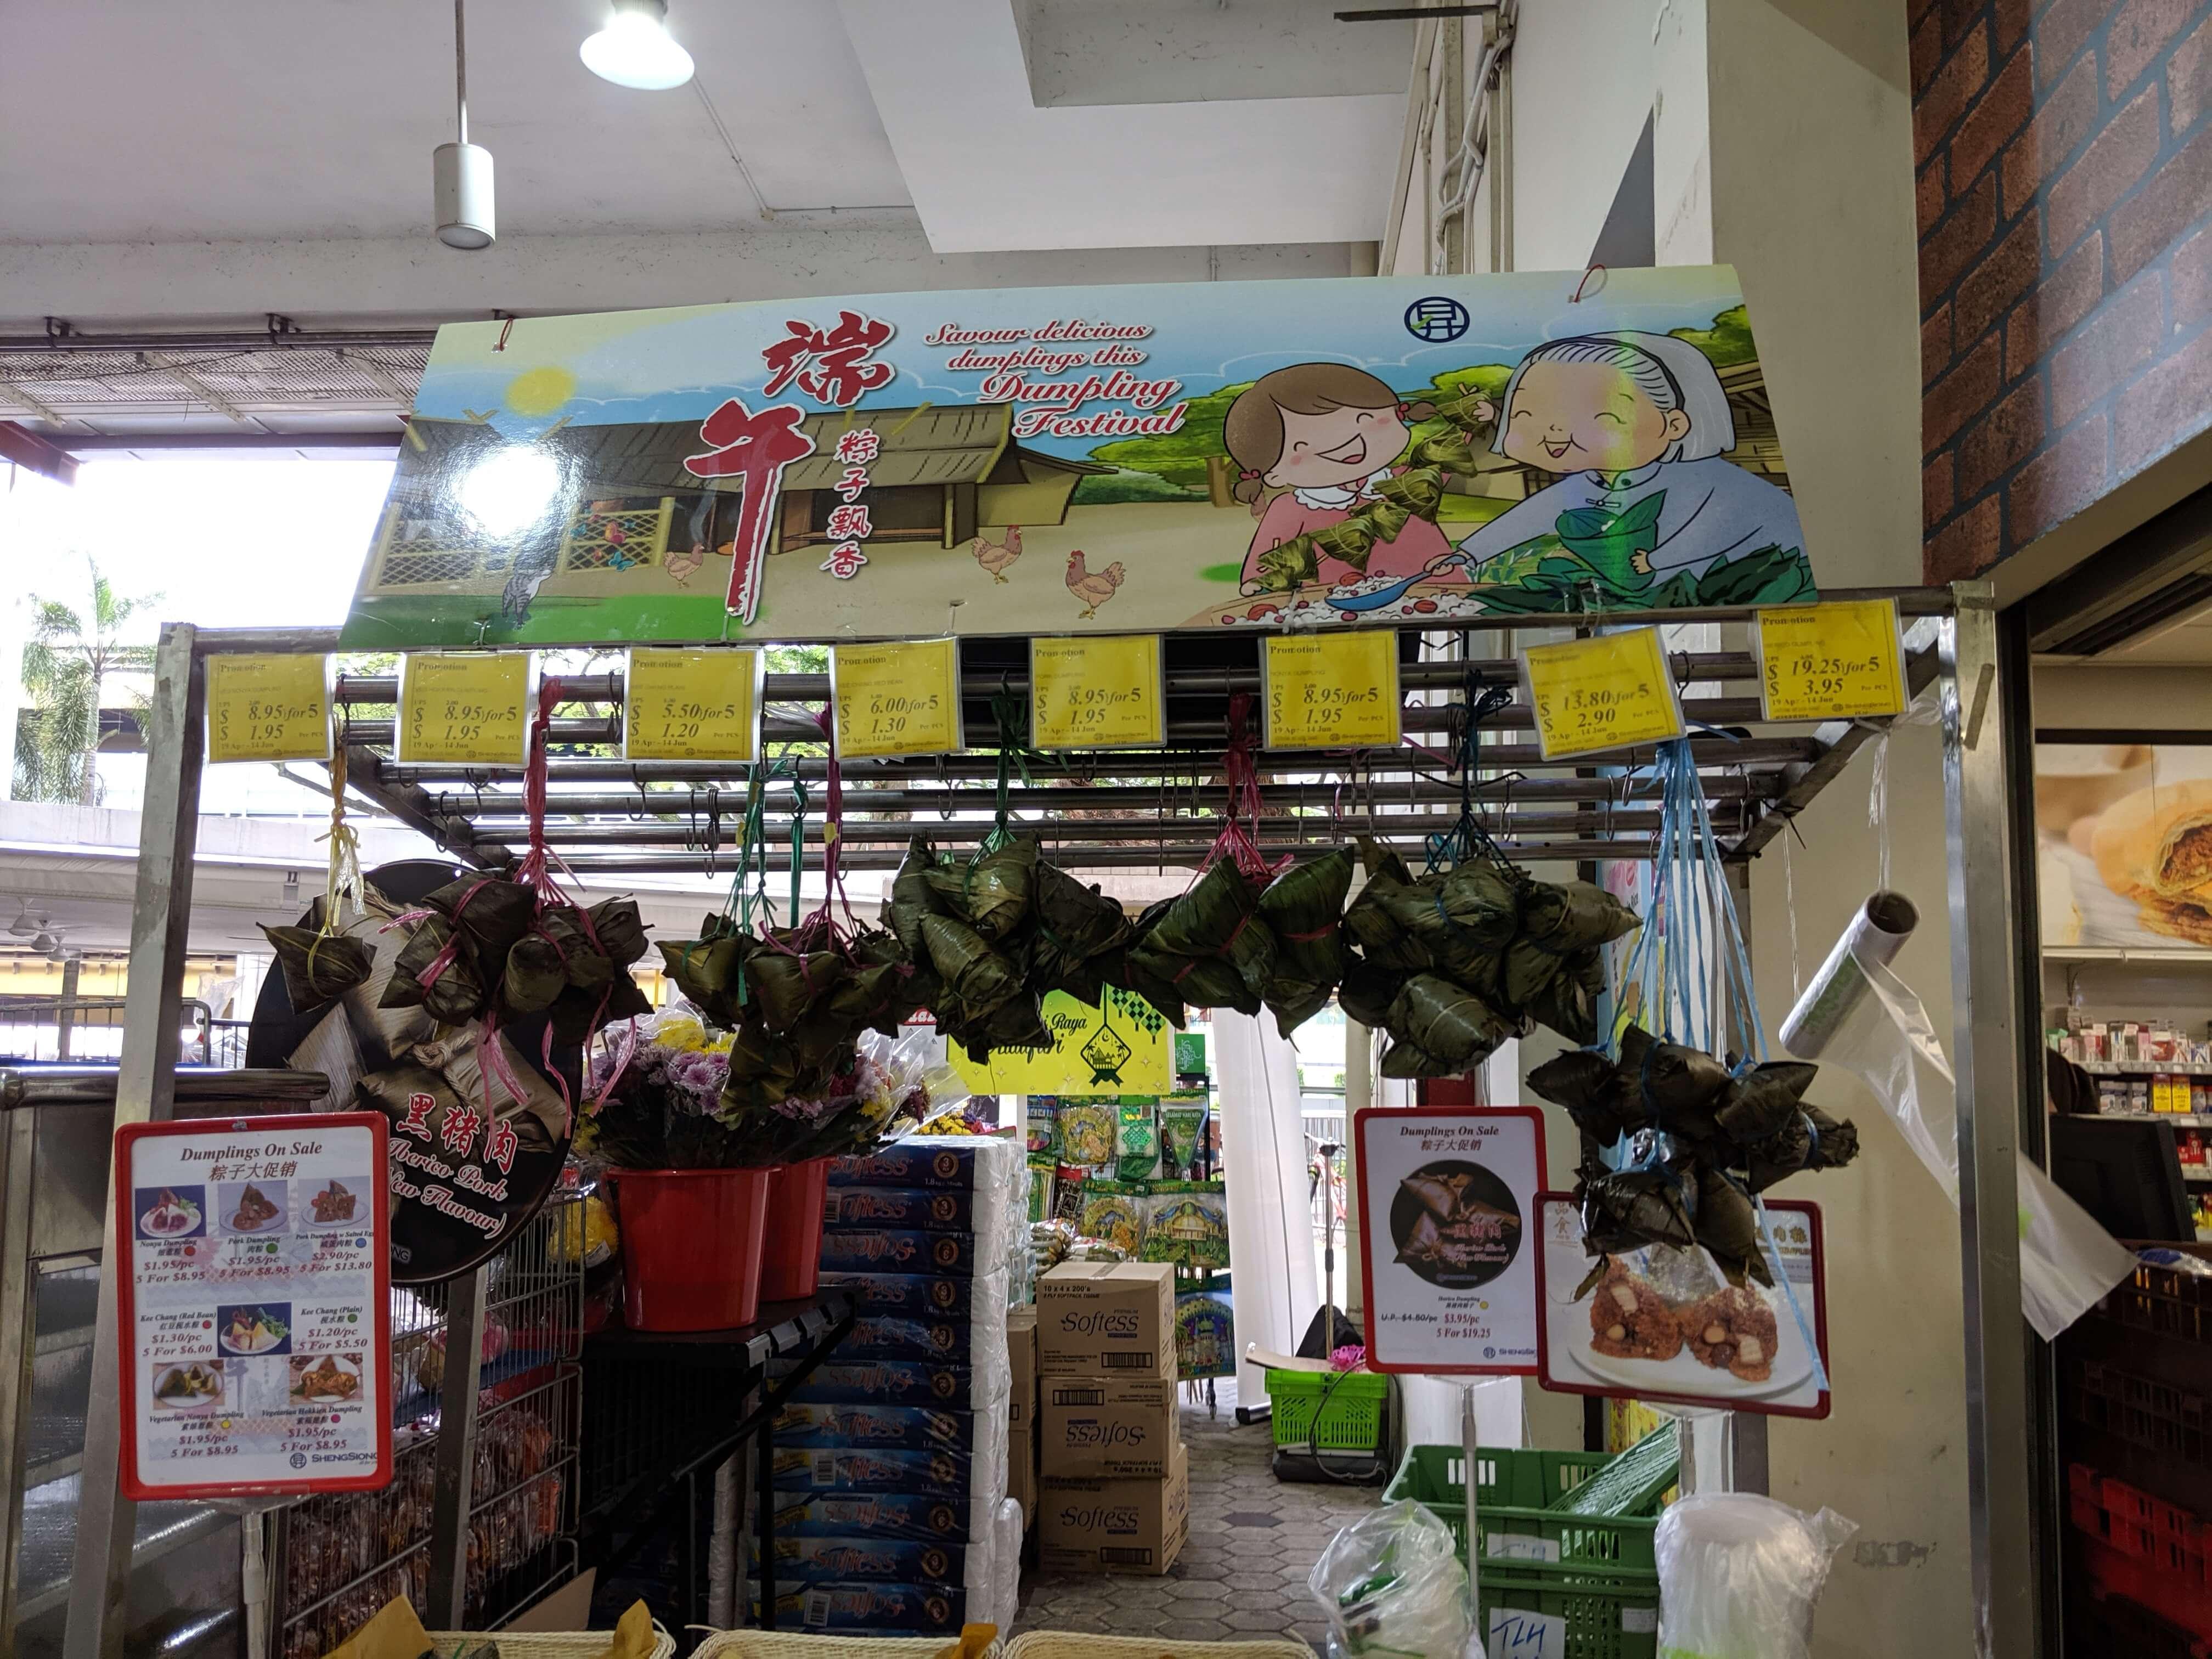 sheng siong dumpling store